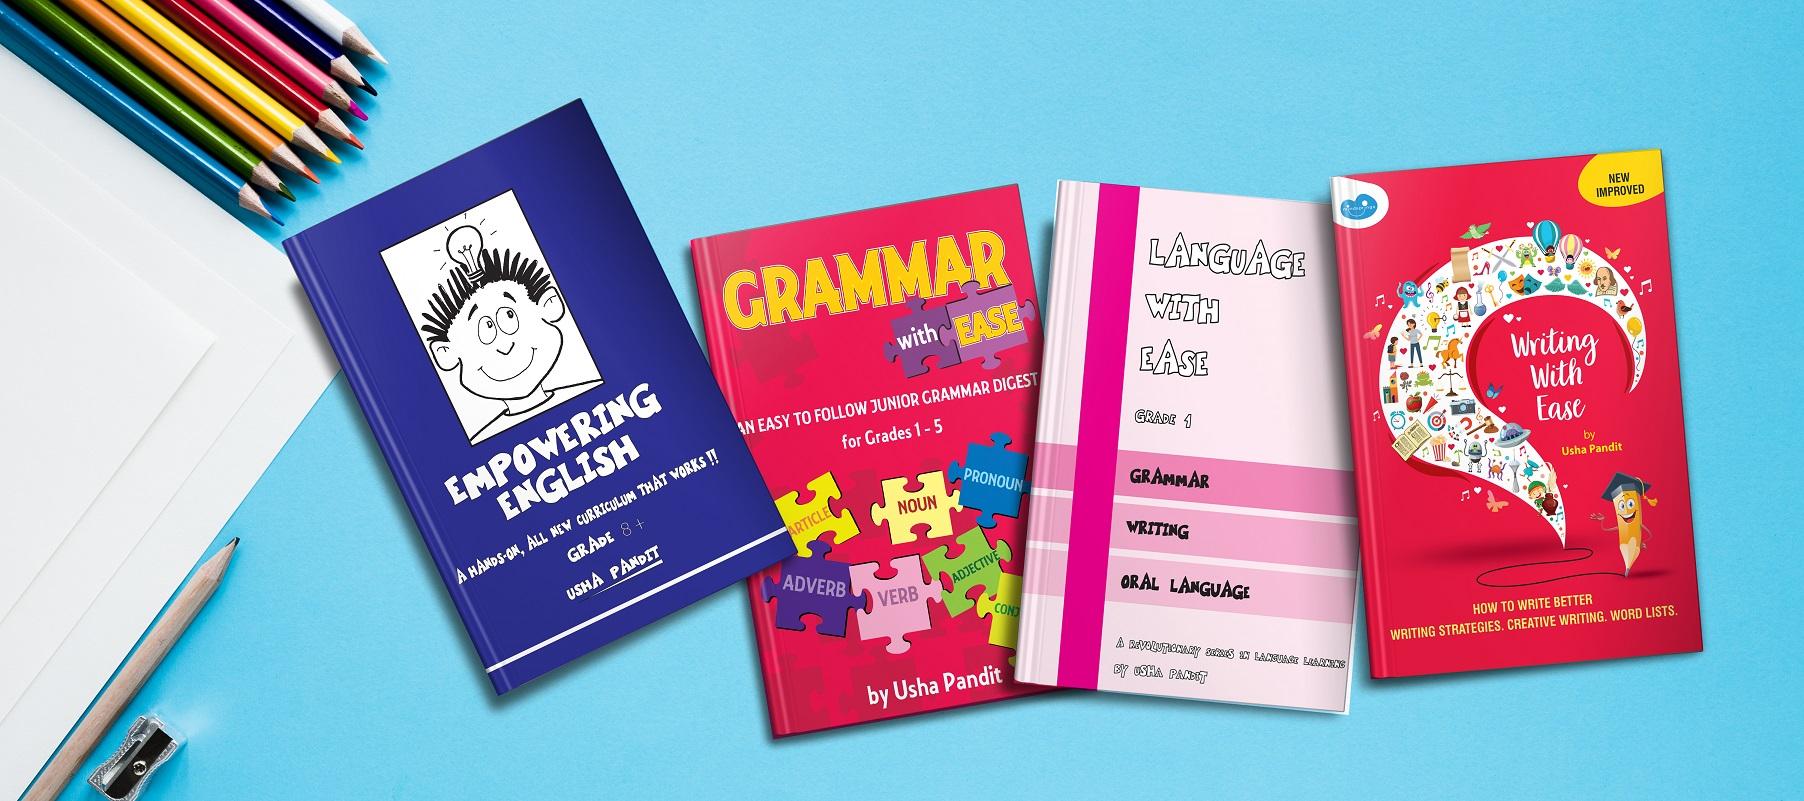 Mindsprings books